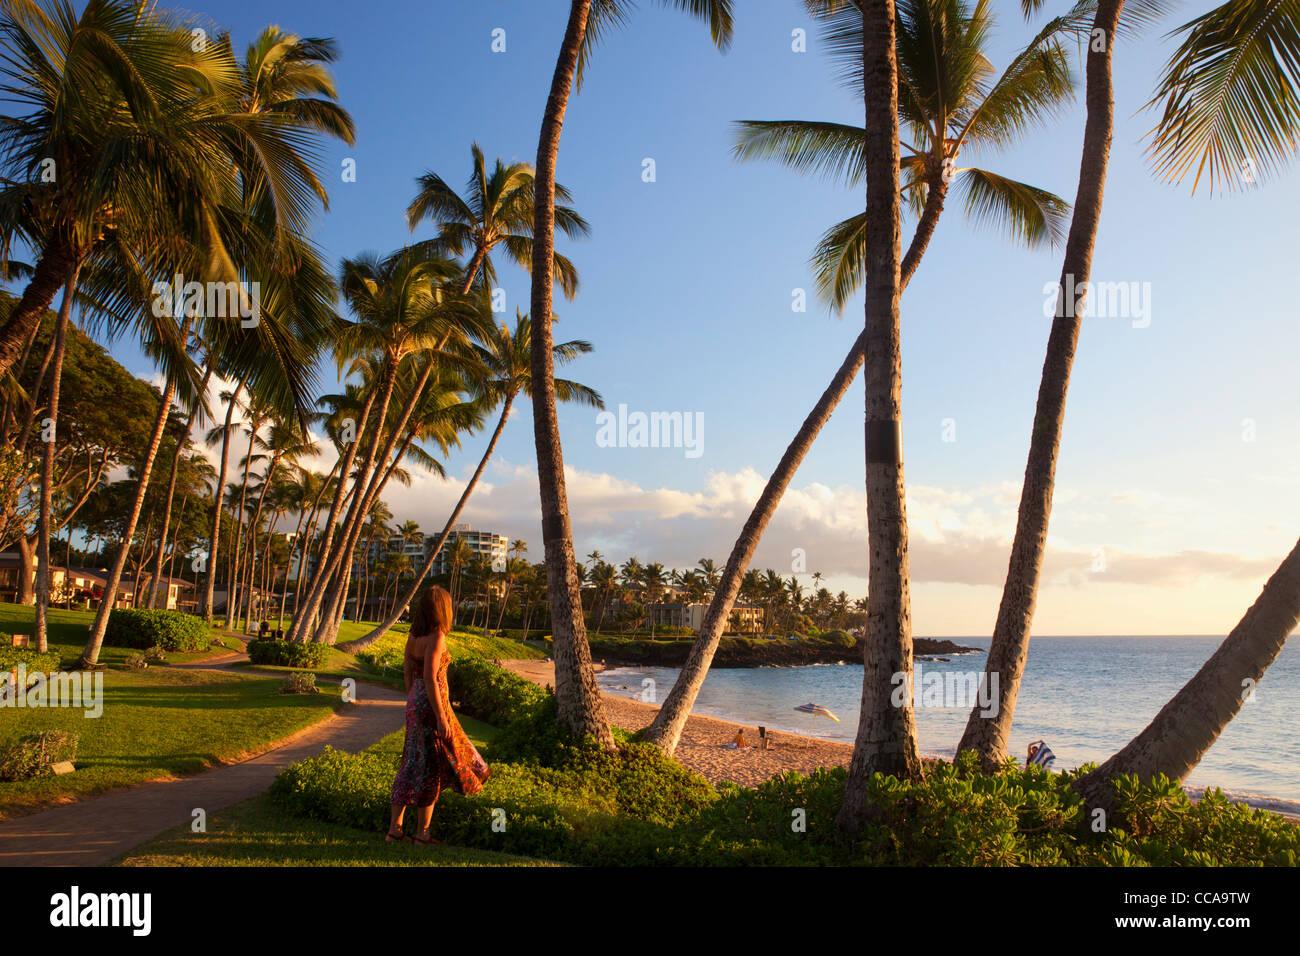 Un visitatore a Ulua Beach, Wailea, Maui, Hawaii. (Modello rilasciato) Immagini Stock